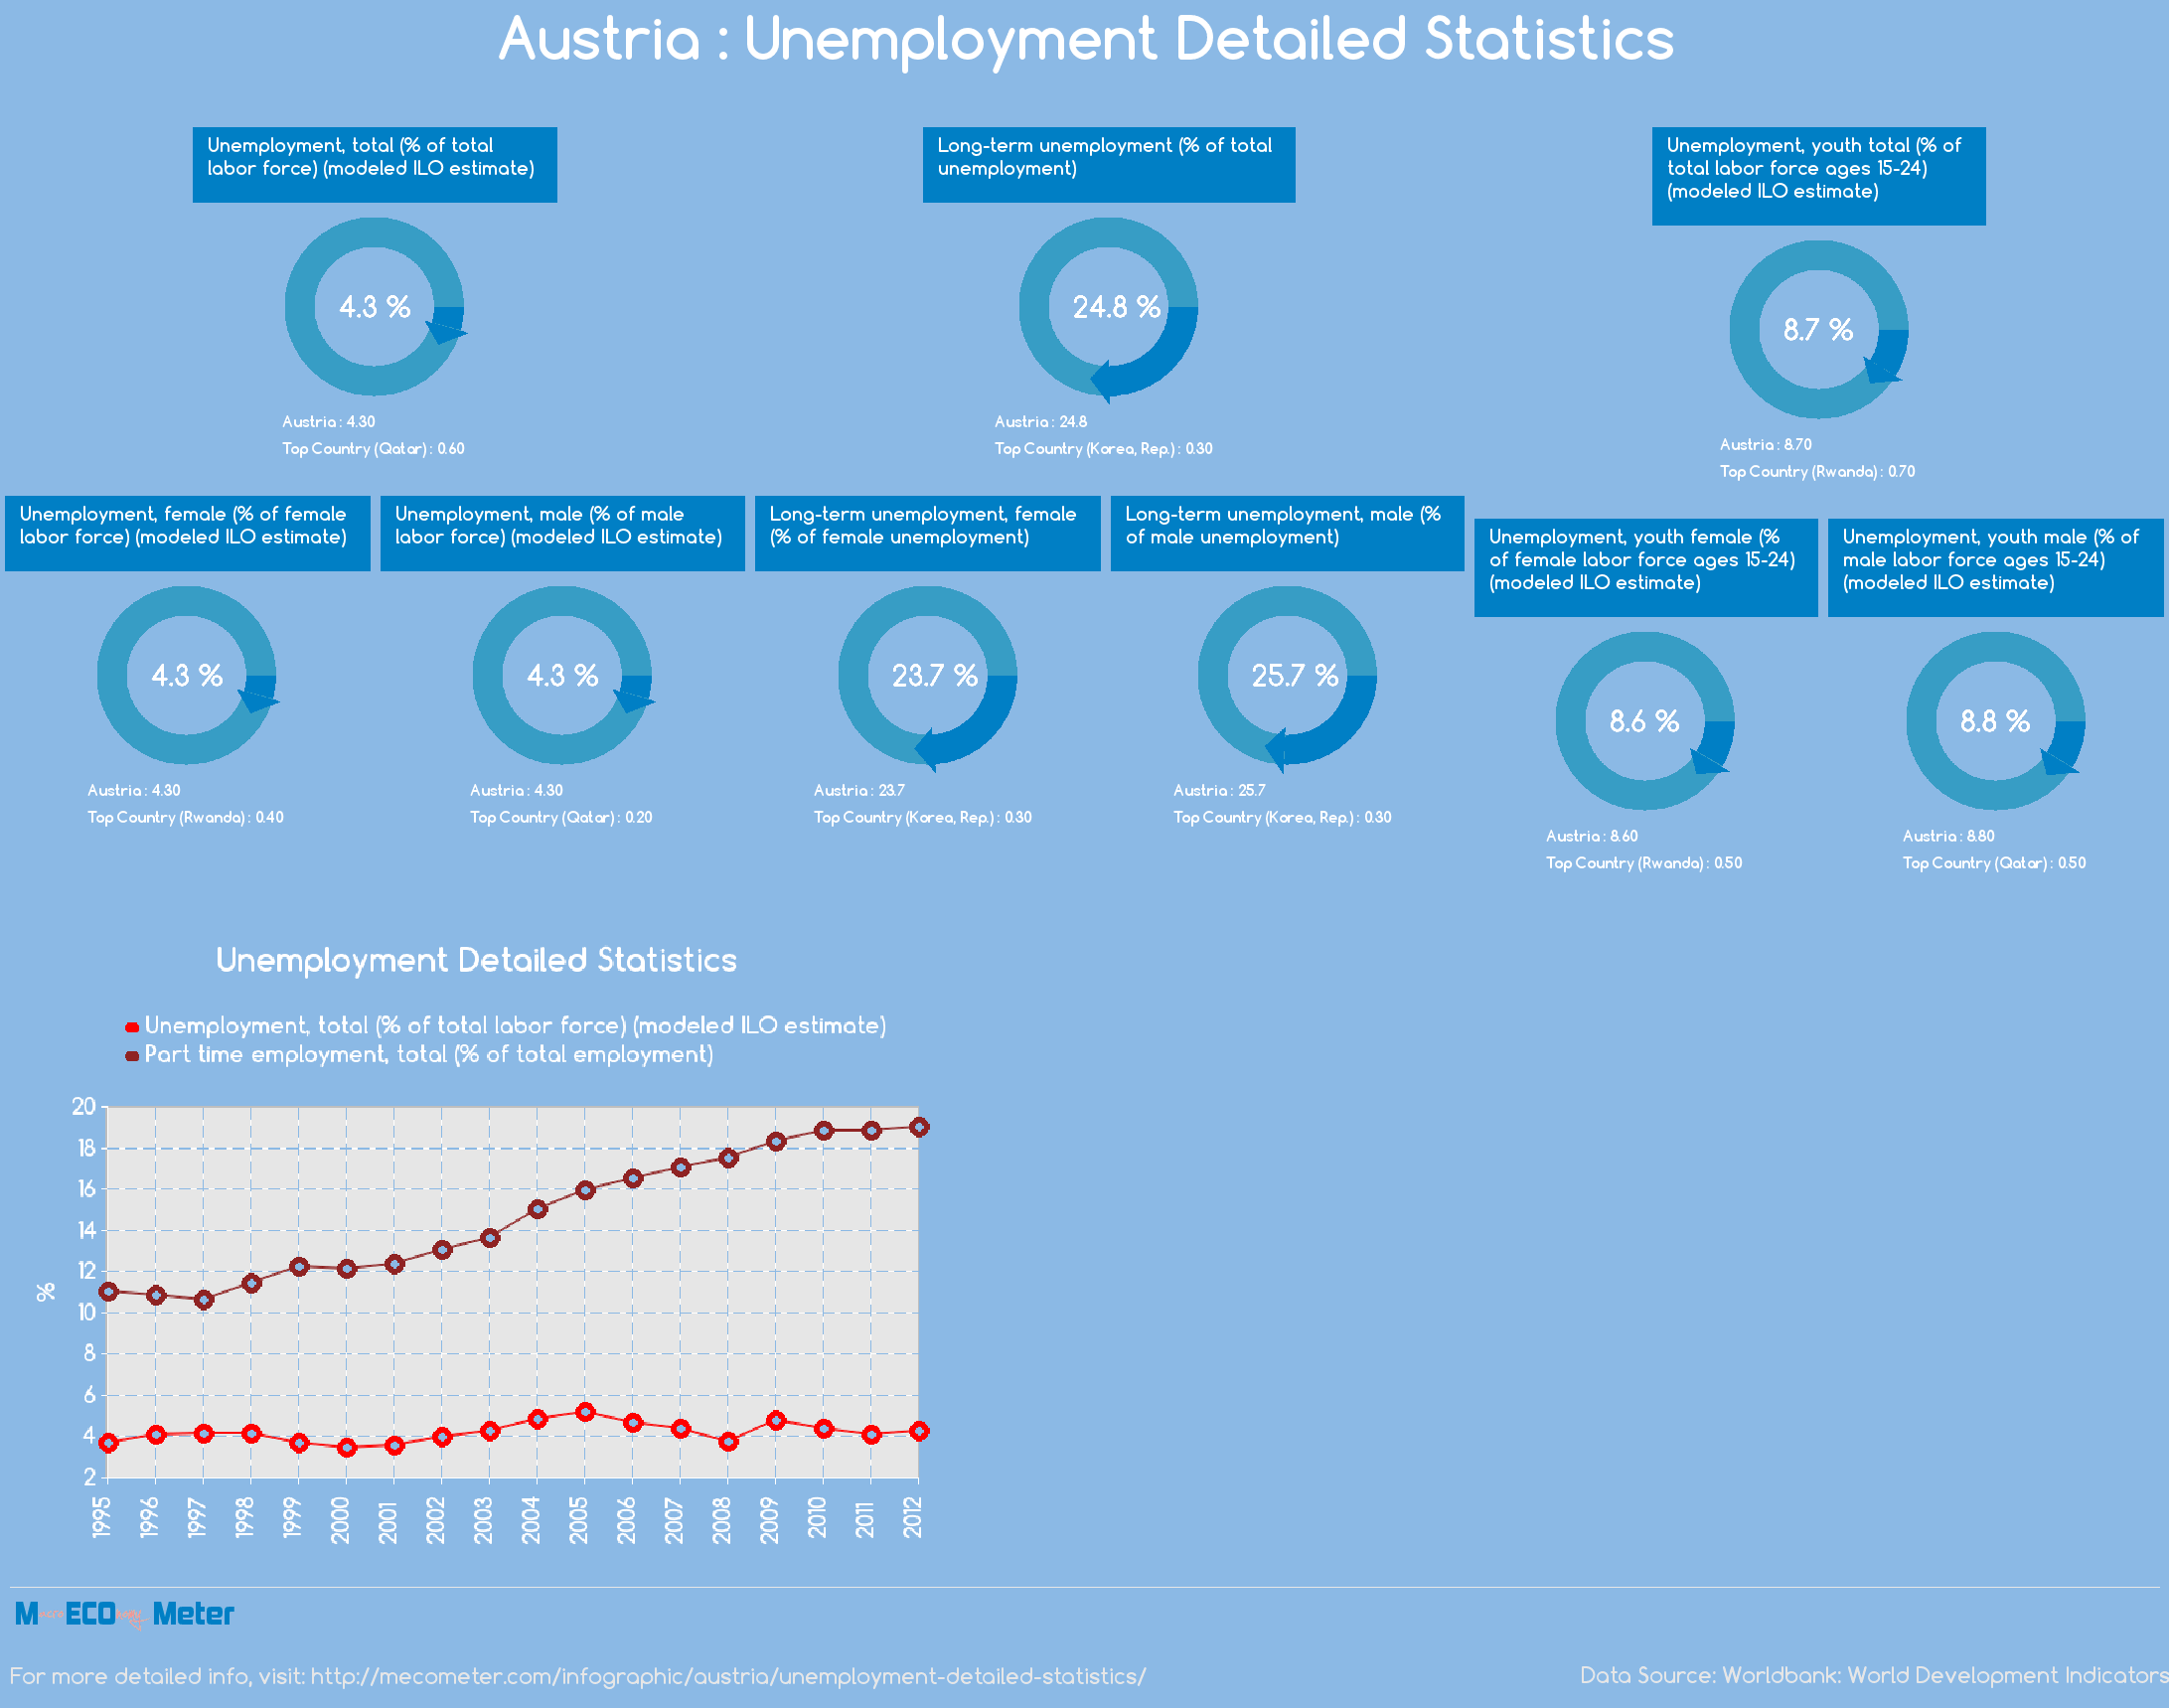 Austria : Unemployment Detailed Statistics